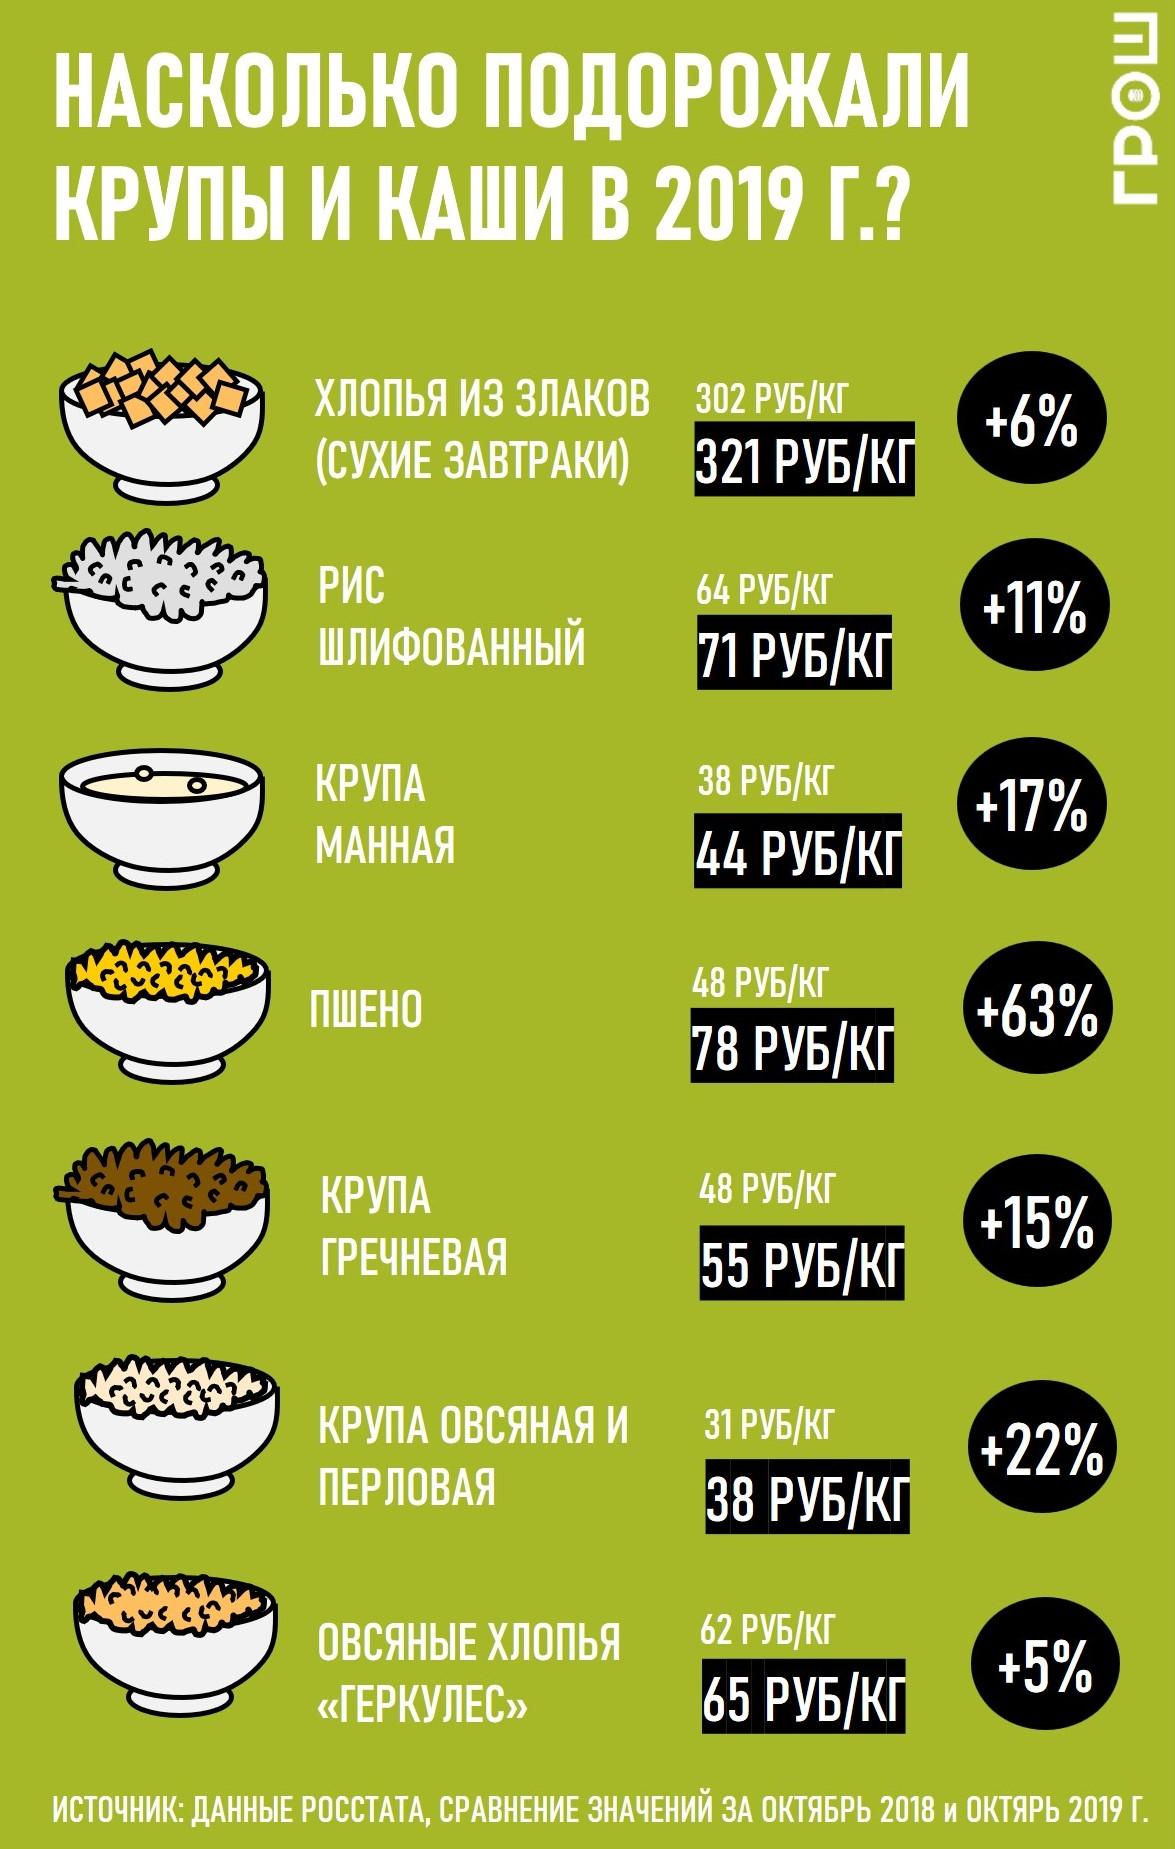 Инфографика: насколько подорожали крупы журнал ГРОШ